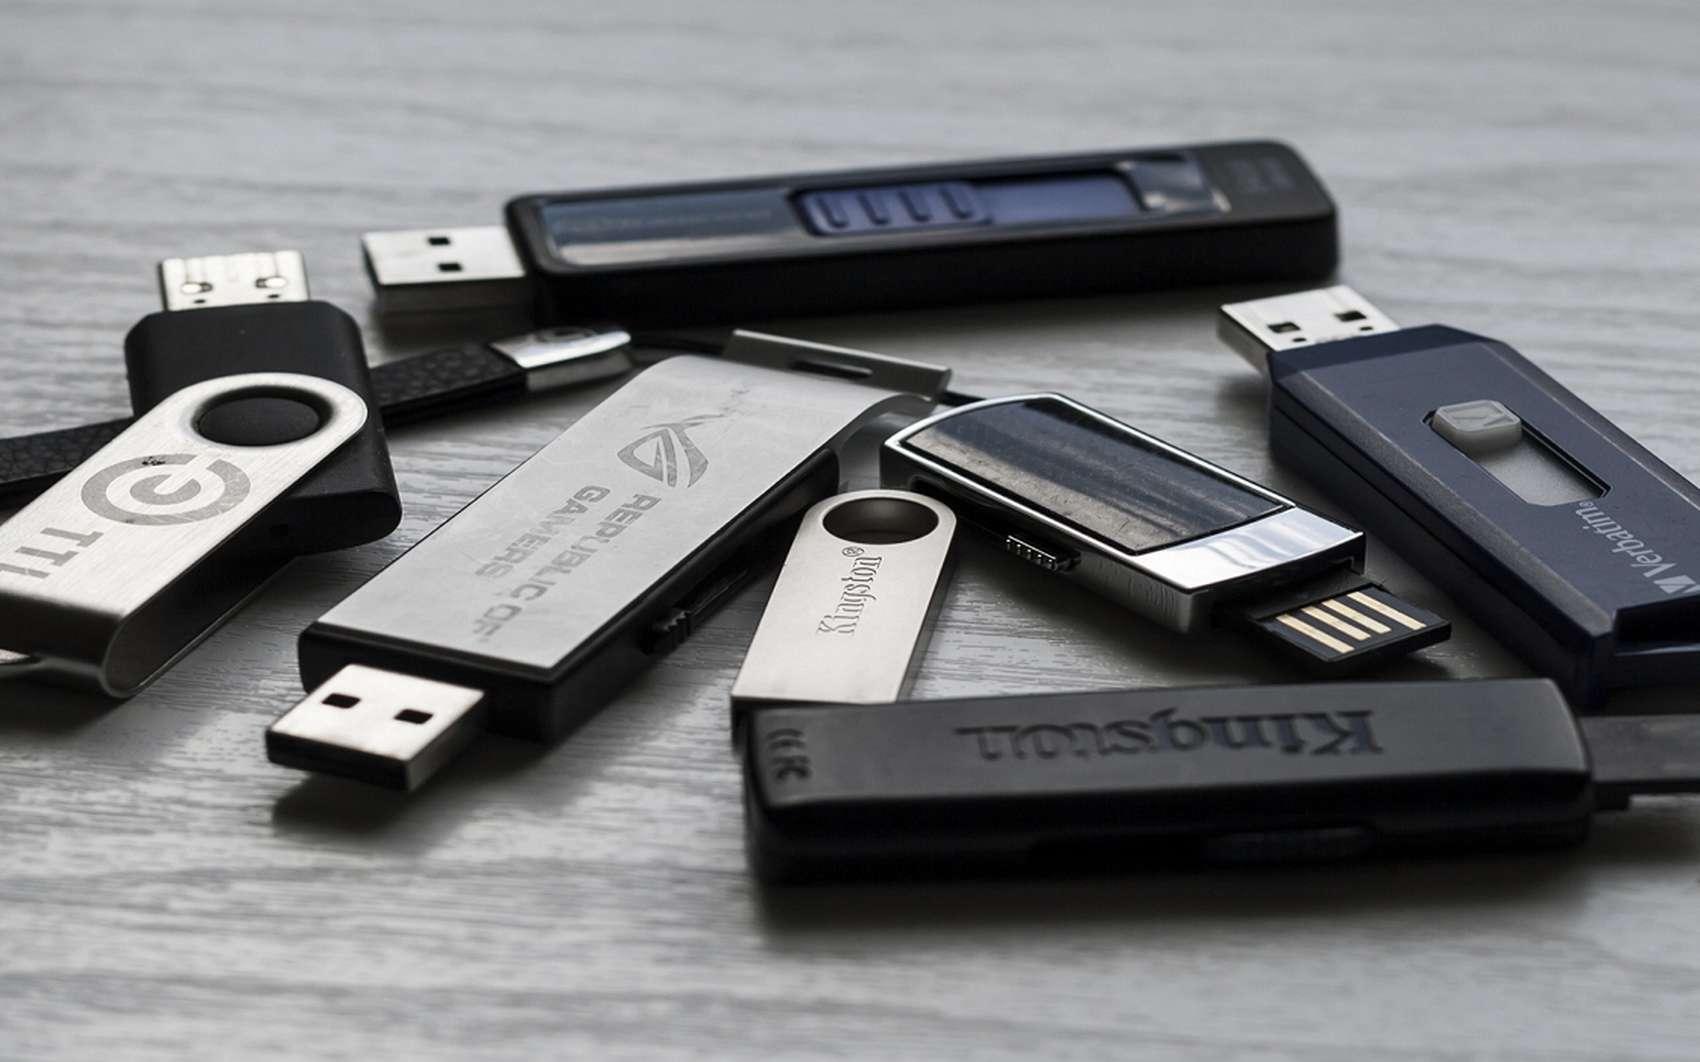 Futura vous explique comment réparer votre clé USB. © pxhere.com